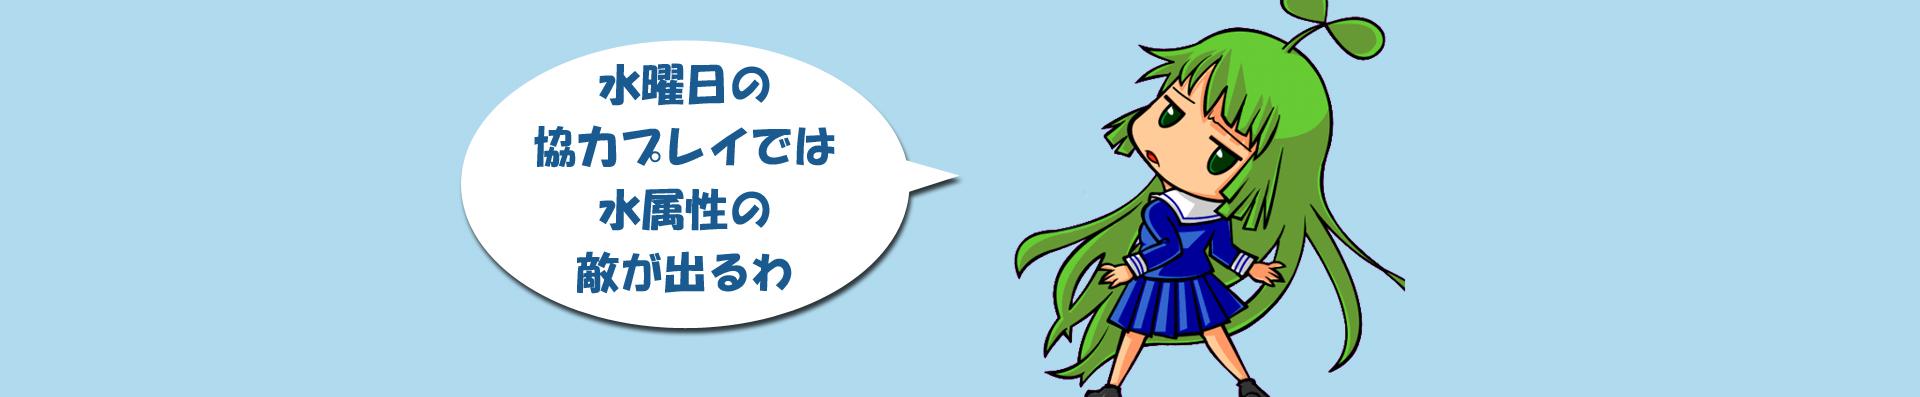 英語物語を攻略するブログ